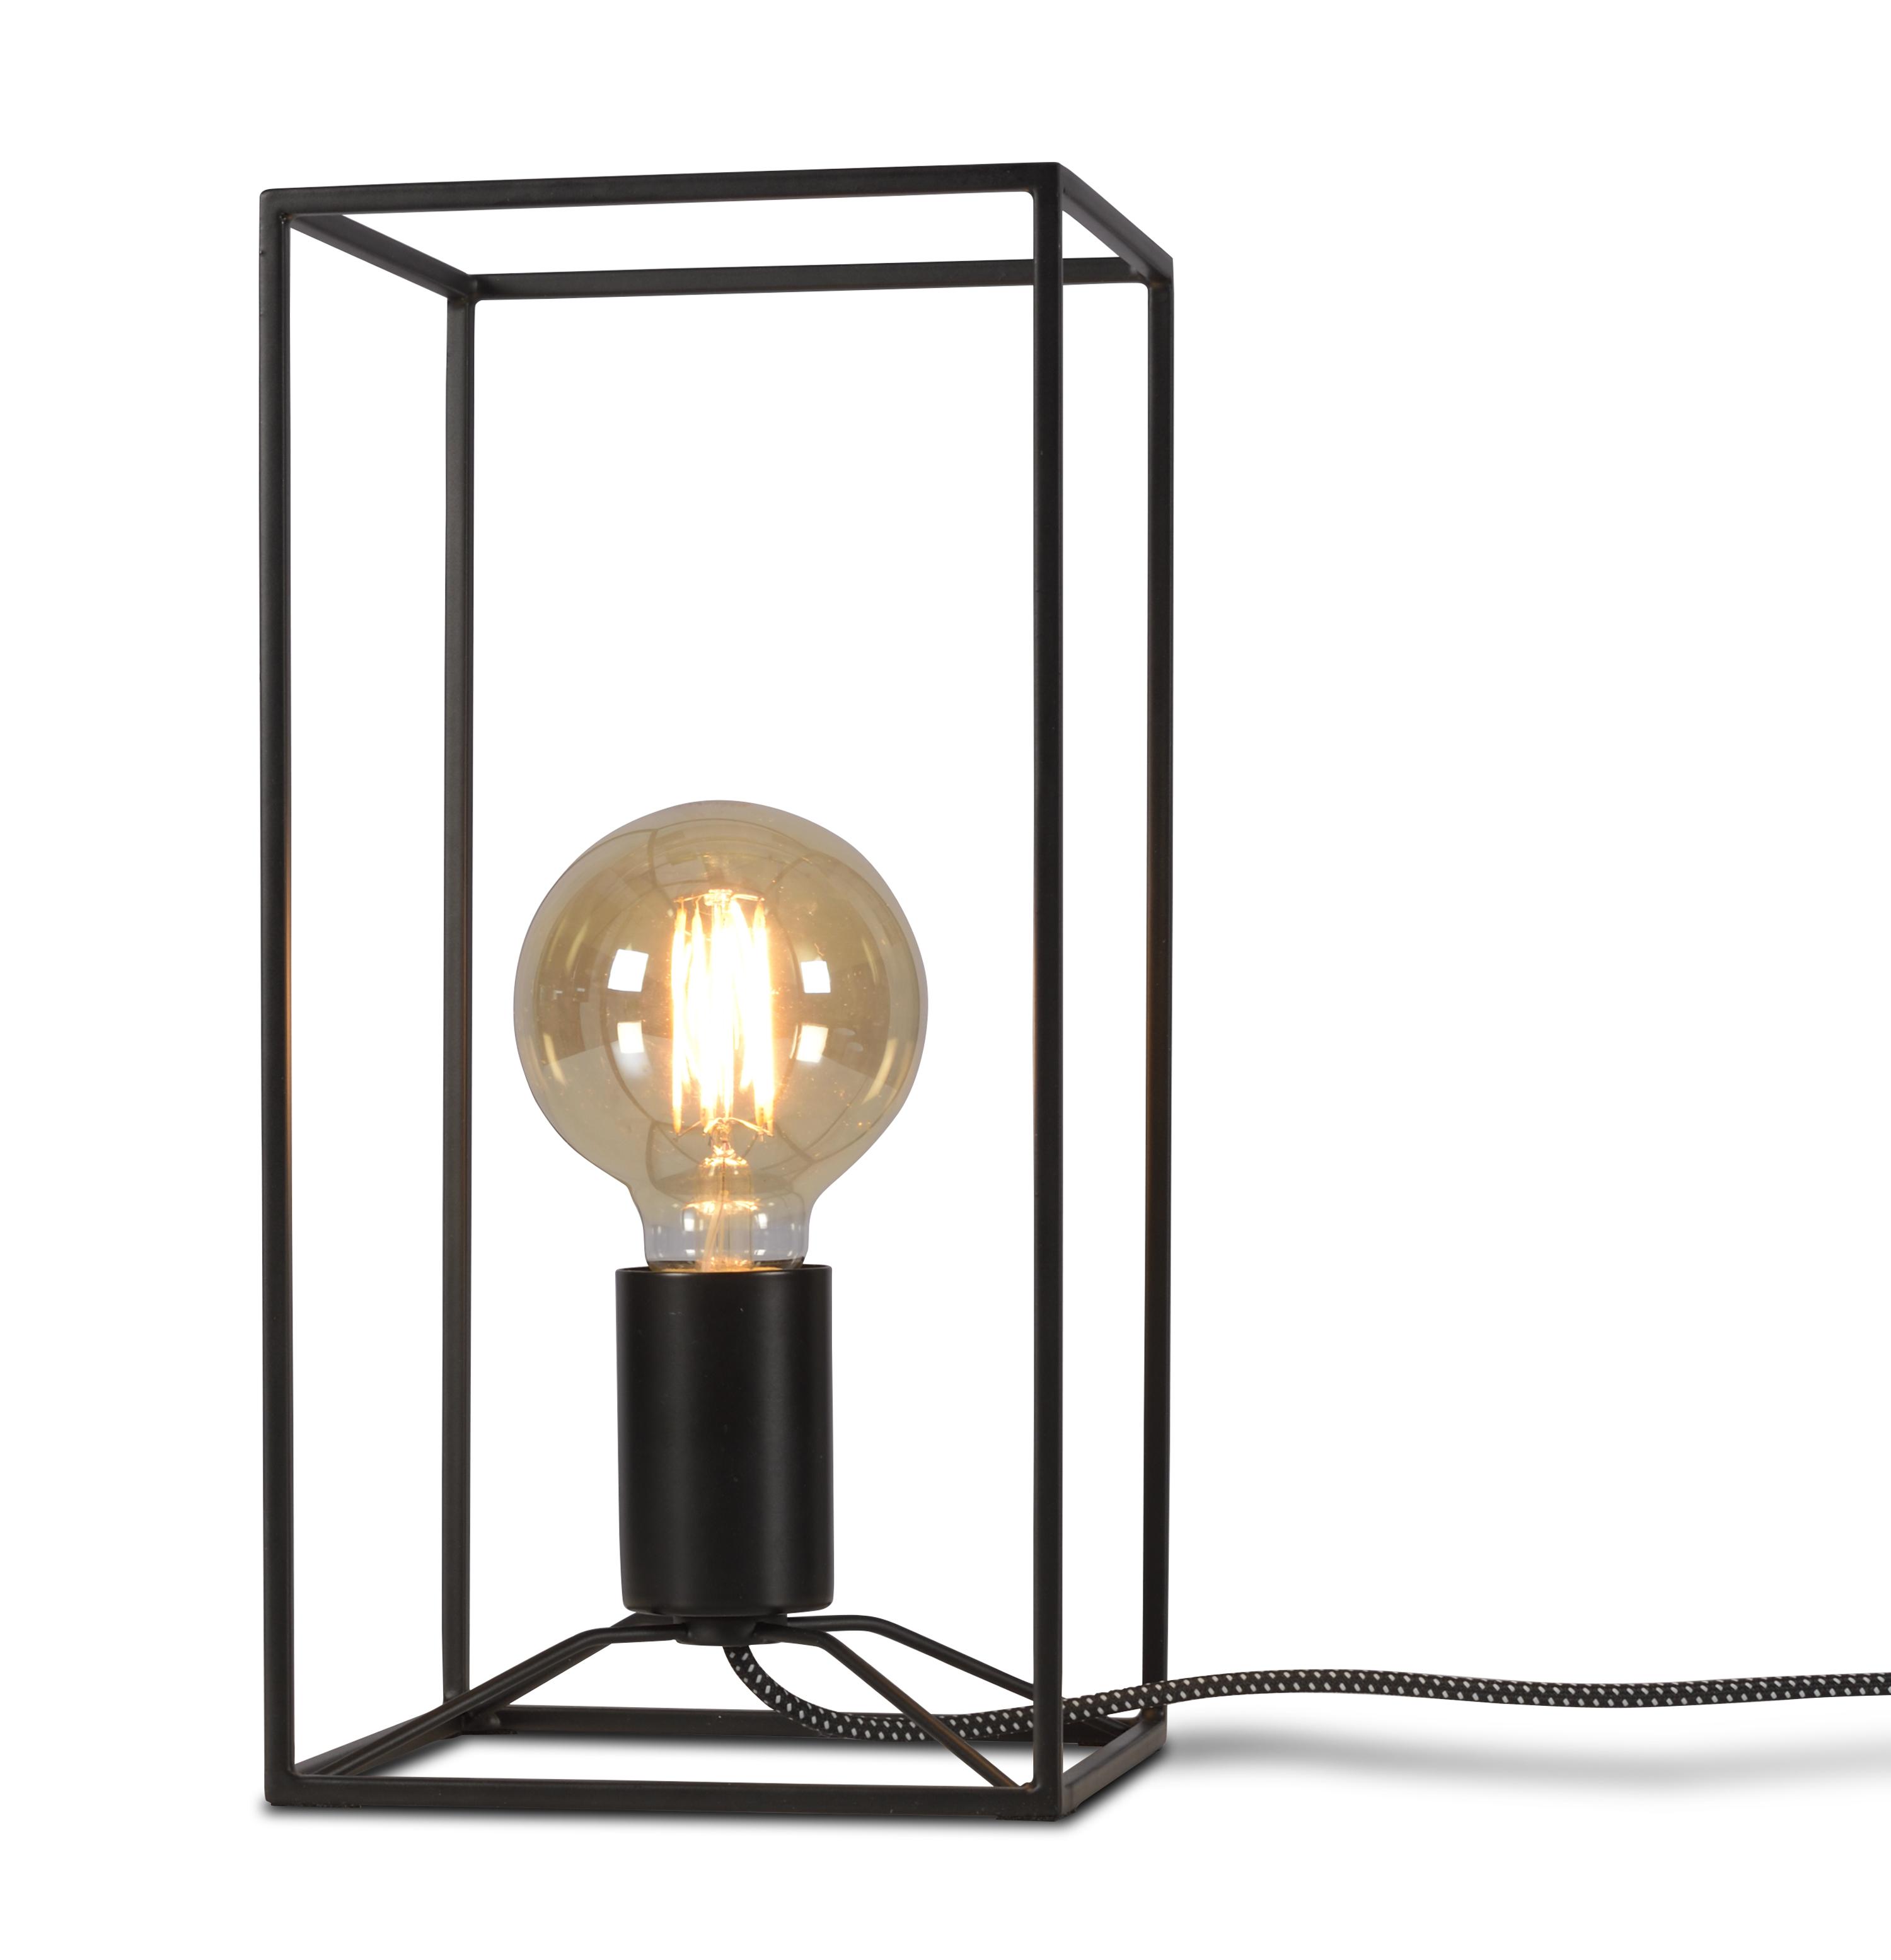 Lampe table noire H30cm